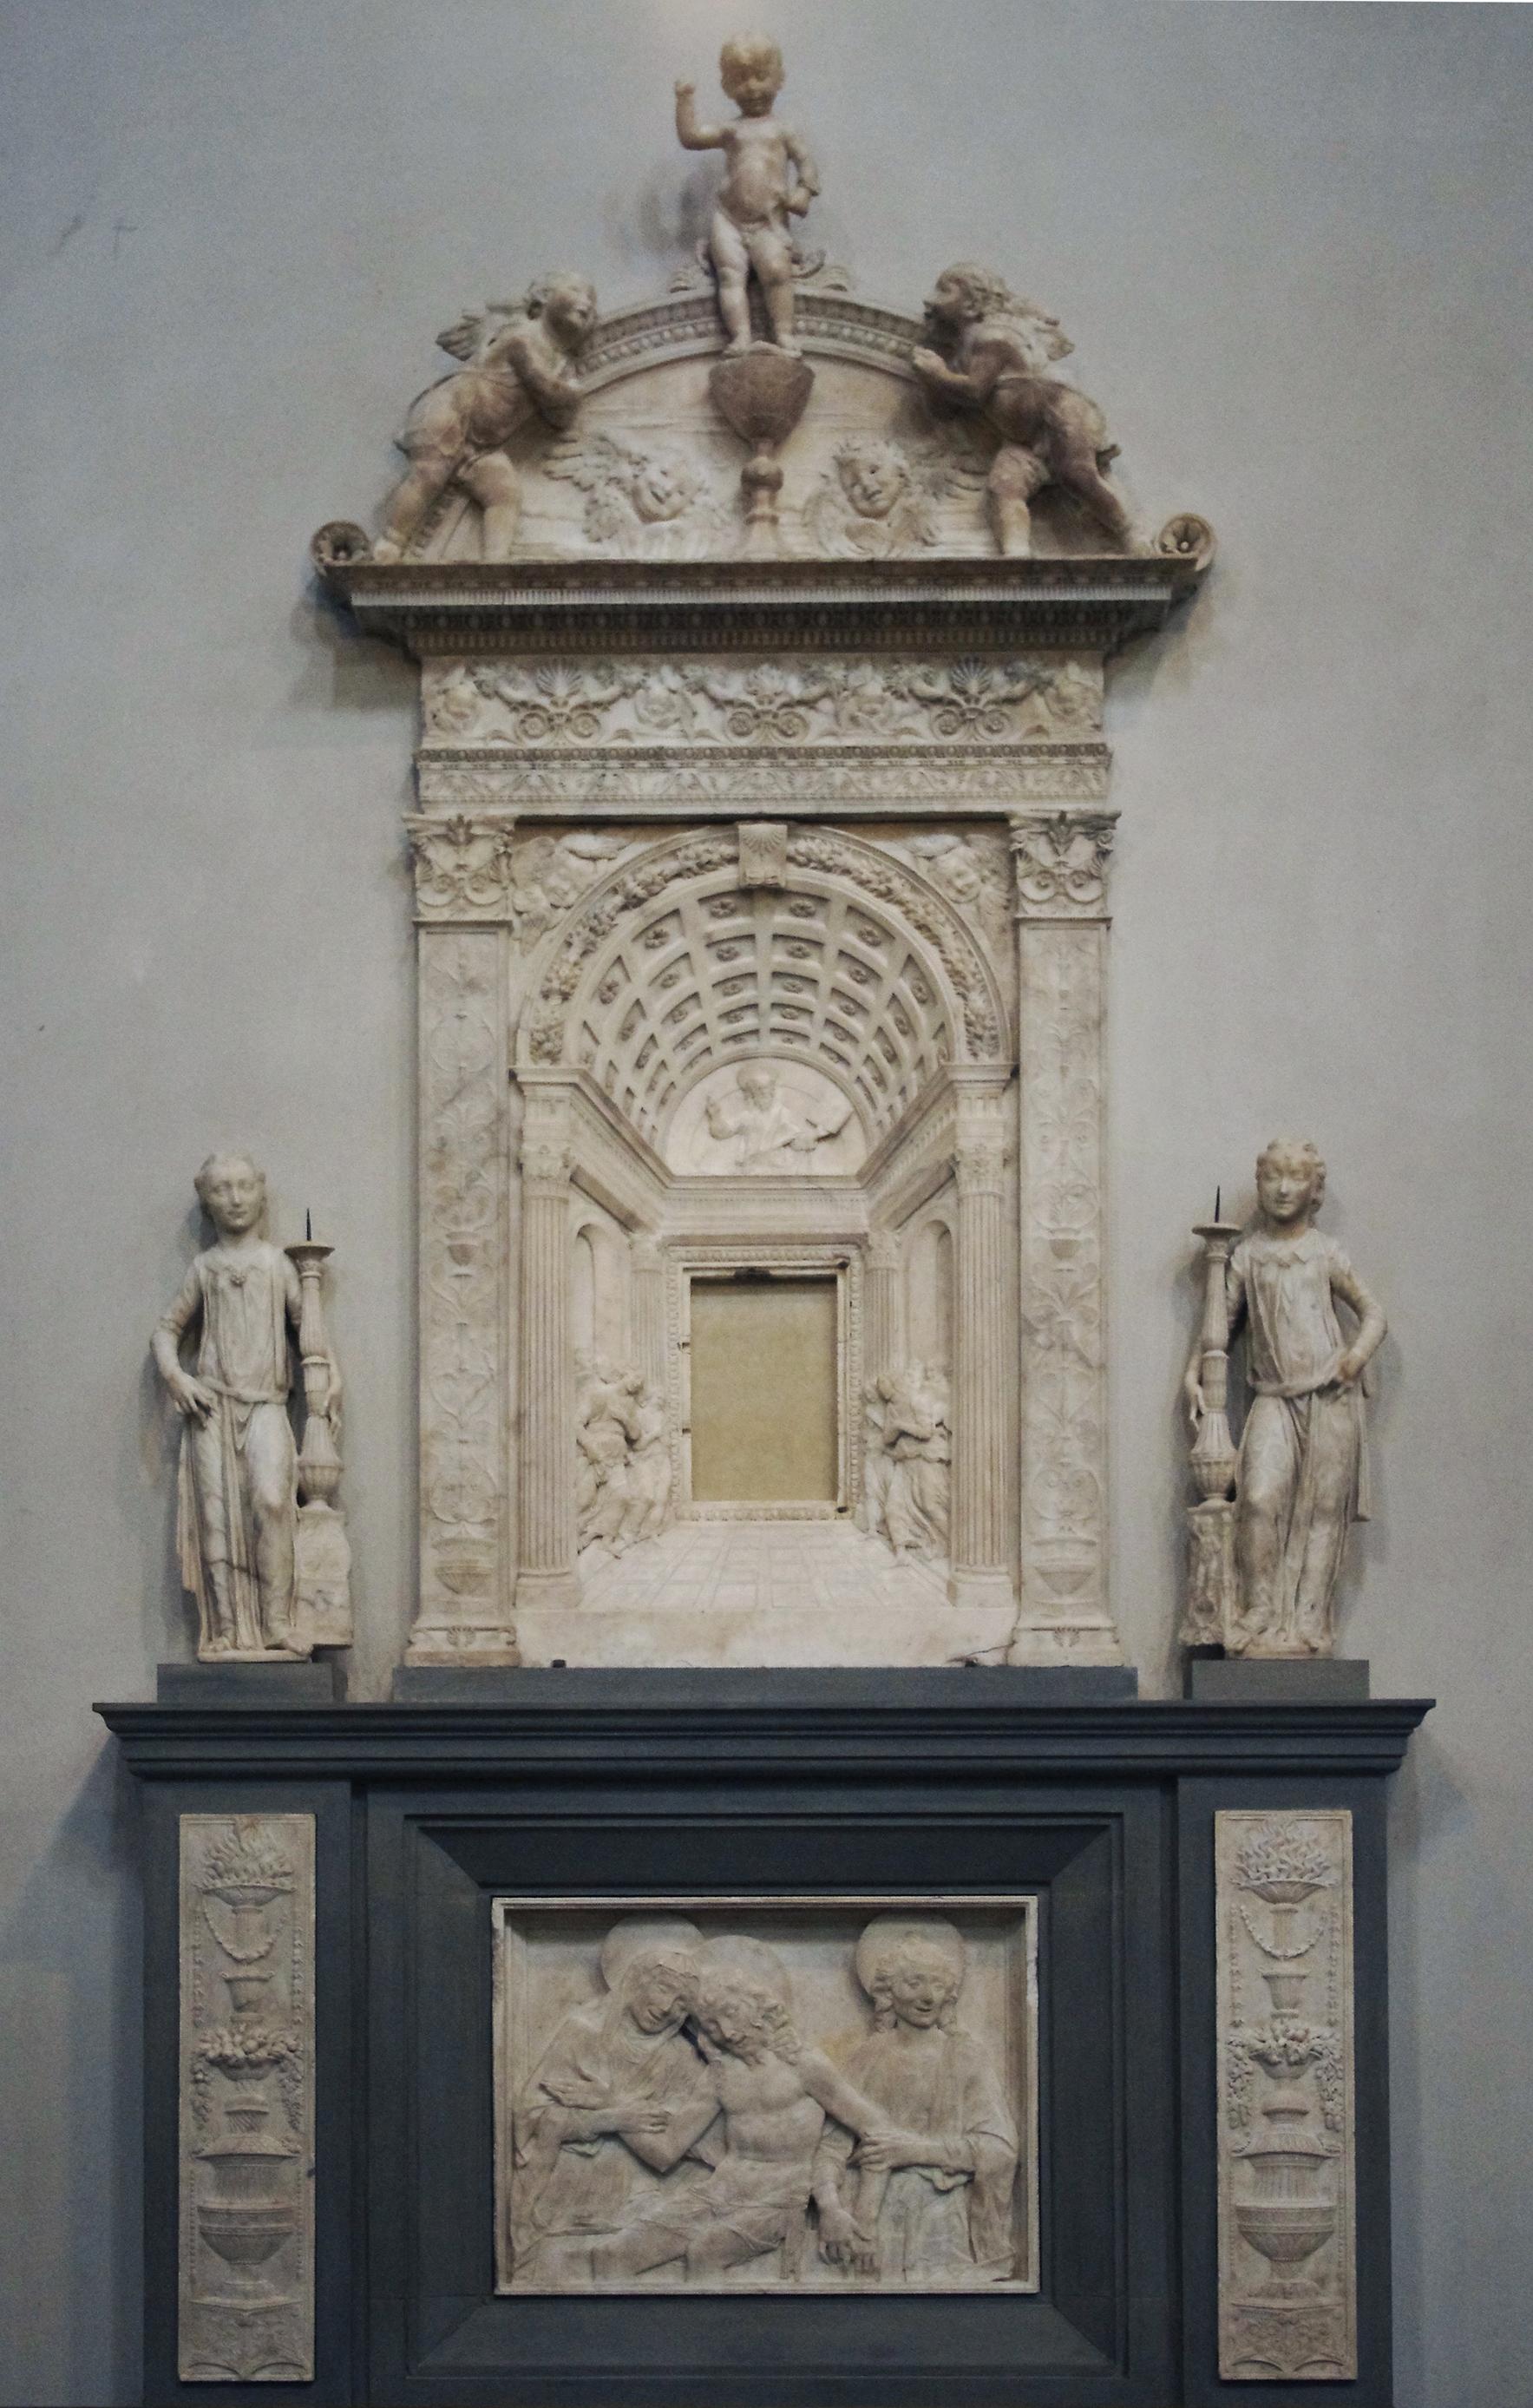 34 Desiderio da Settignano Tabernacle S Lorenzo 1461